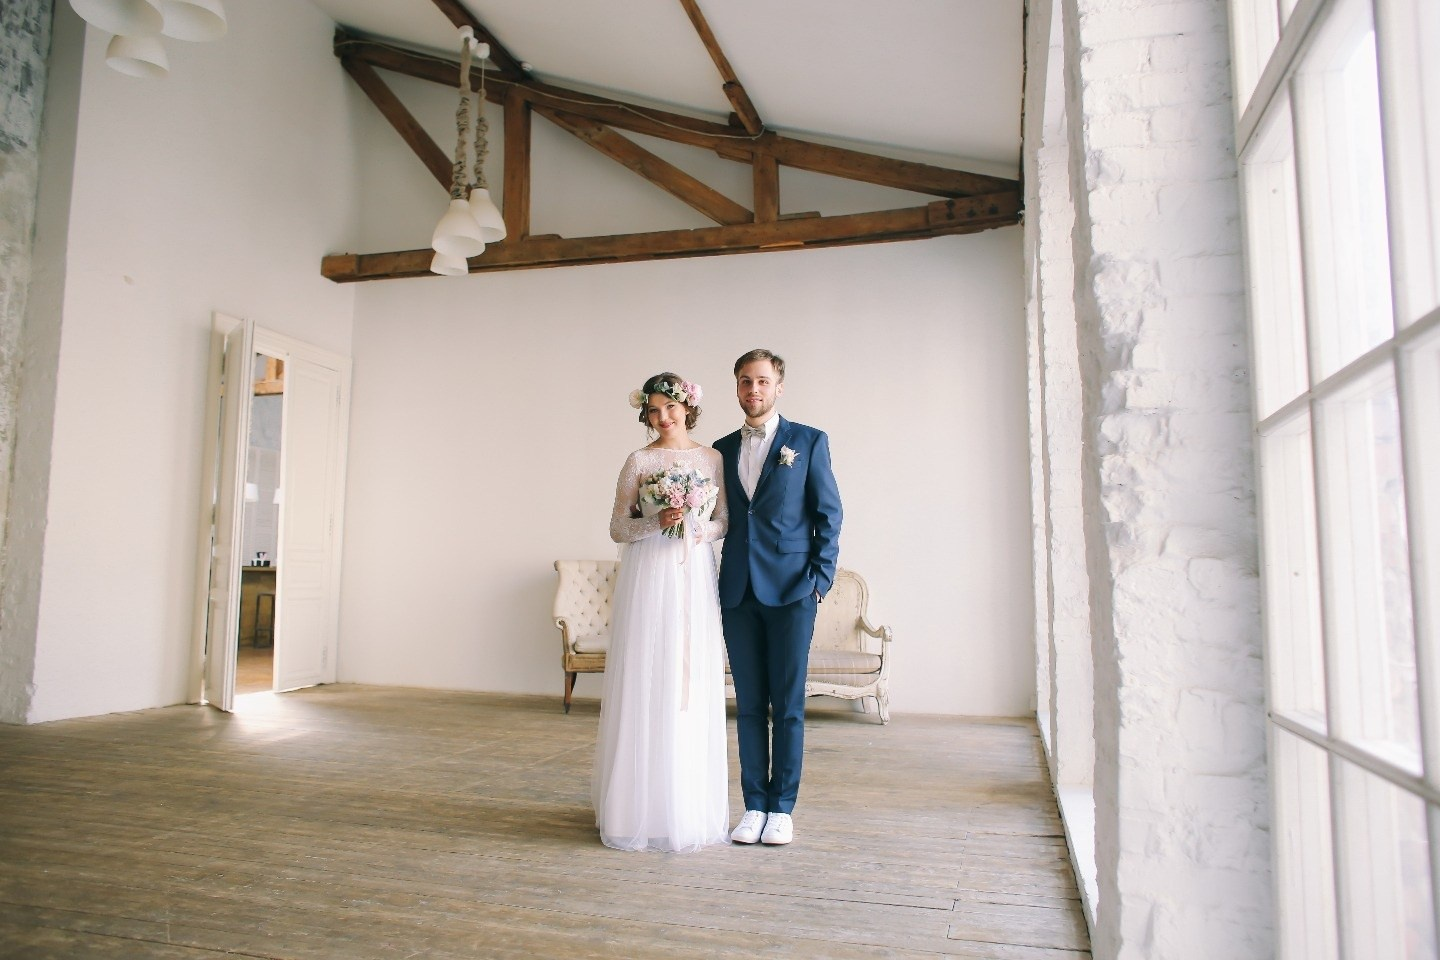 Как выбрать идеальную свадебную площадку?